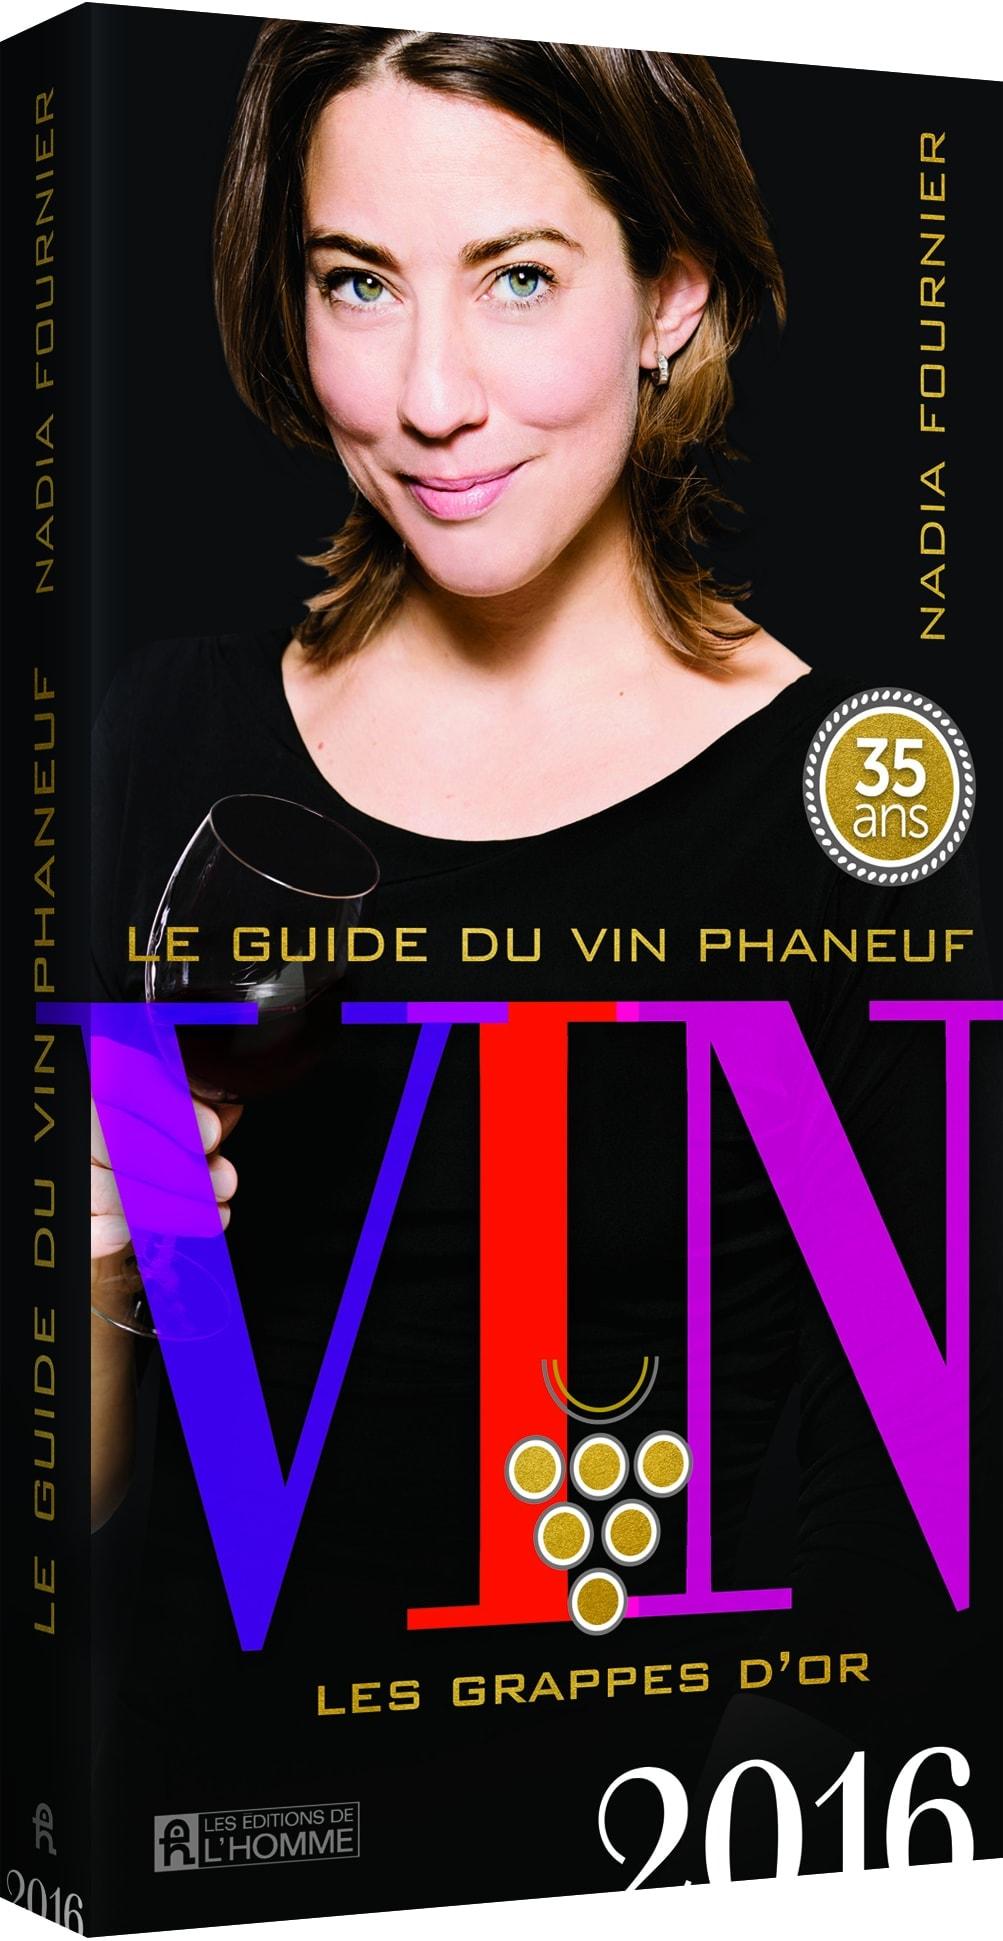 Le guide du vin 2016_3D